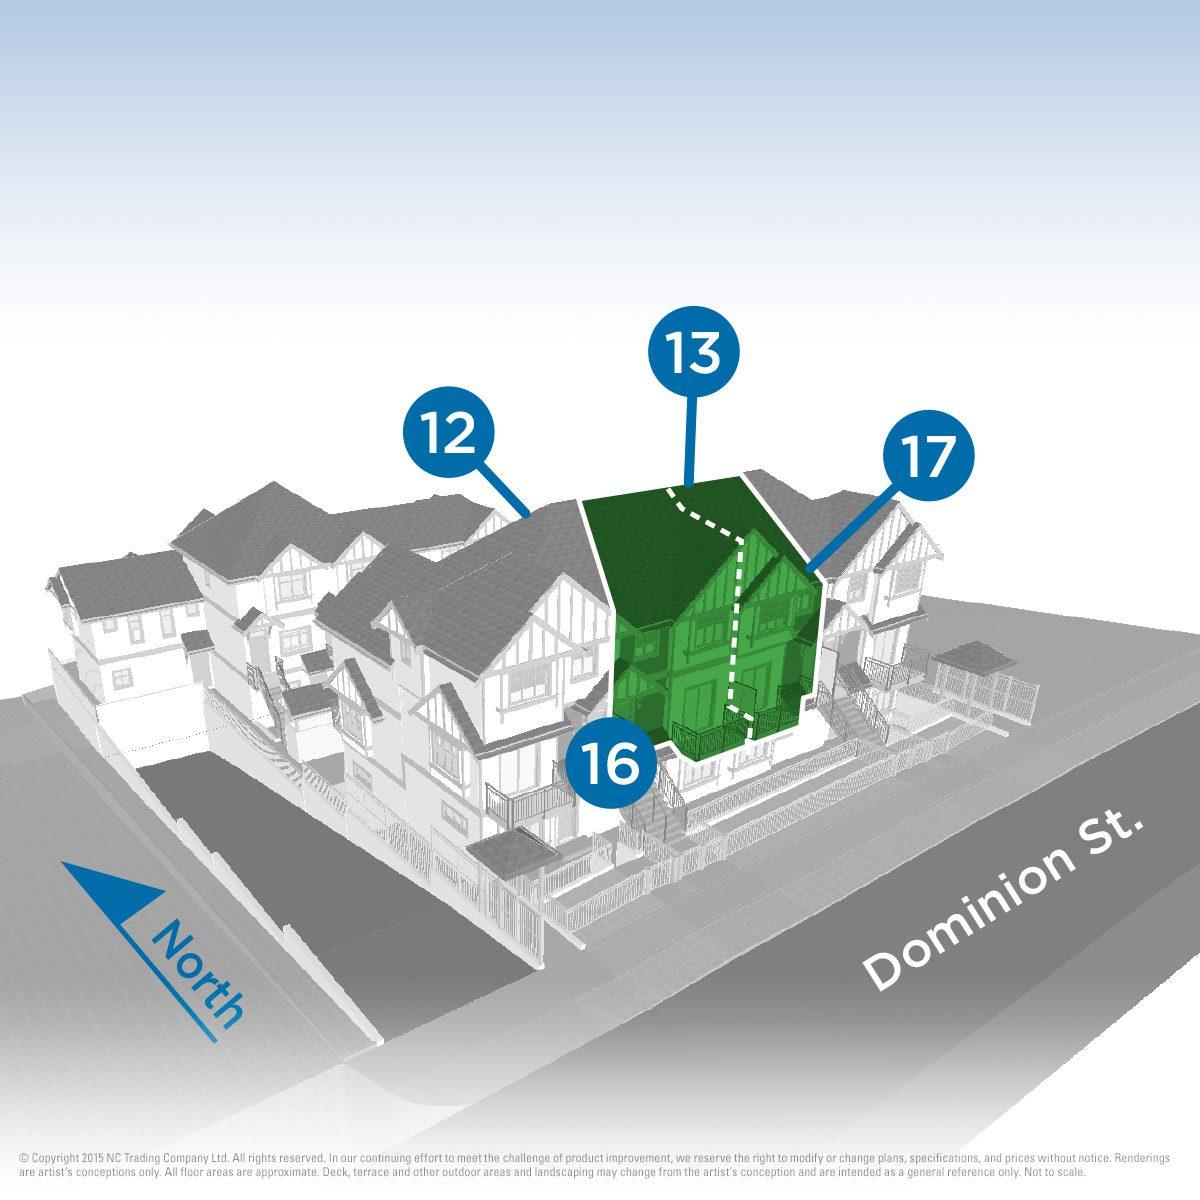 parkview-model-unit-12-13-16-17